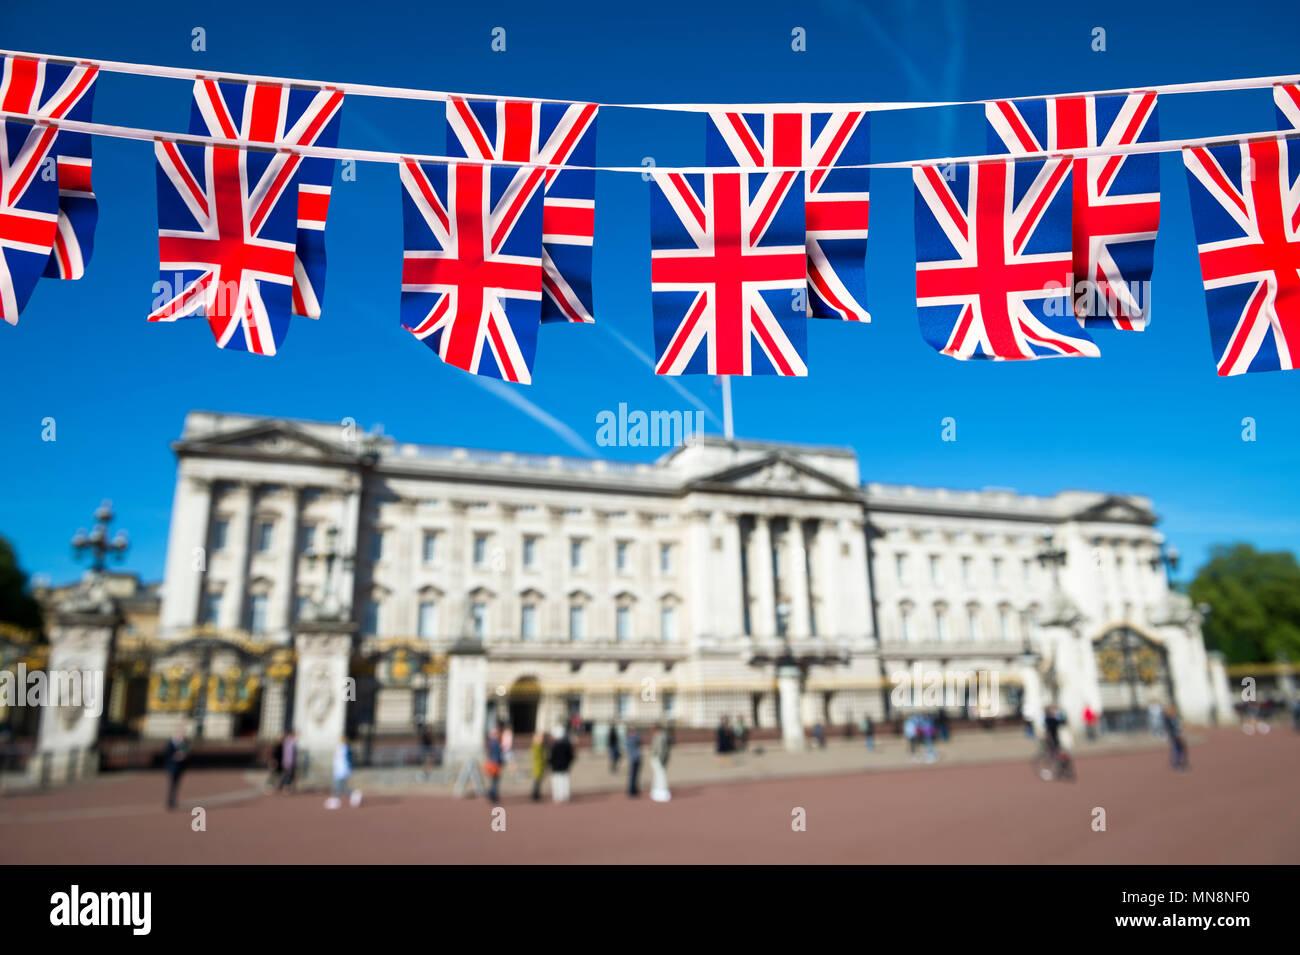 Bandera Union Jack bunting decora el centro comercial en frente del Palacio de Buckingham, antes de la Boda Real en Londres, Inglaterra. Imagen De Stock